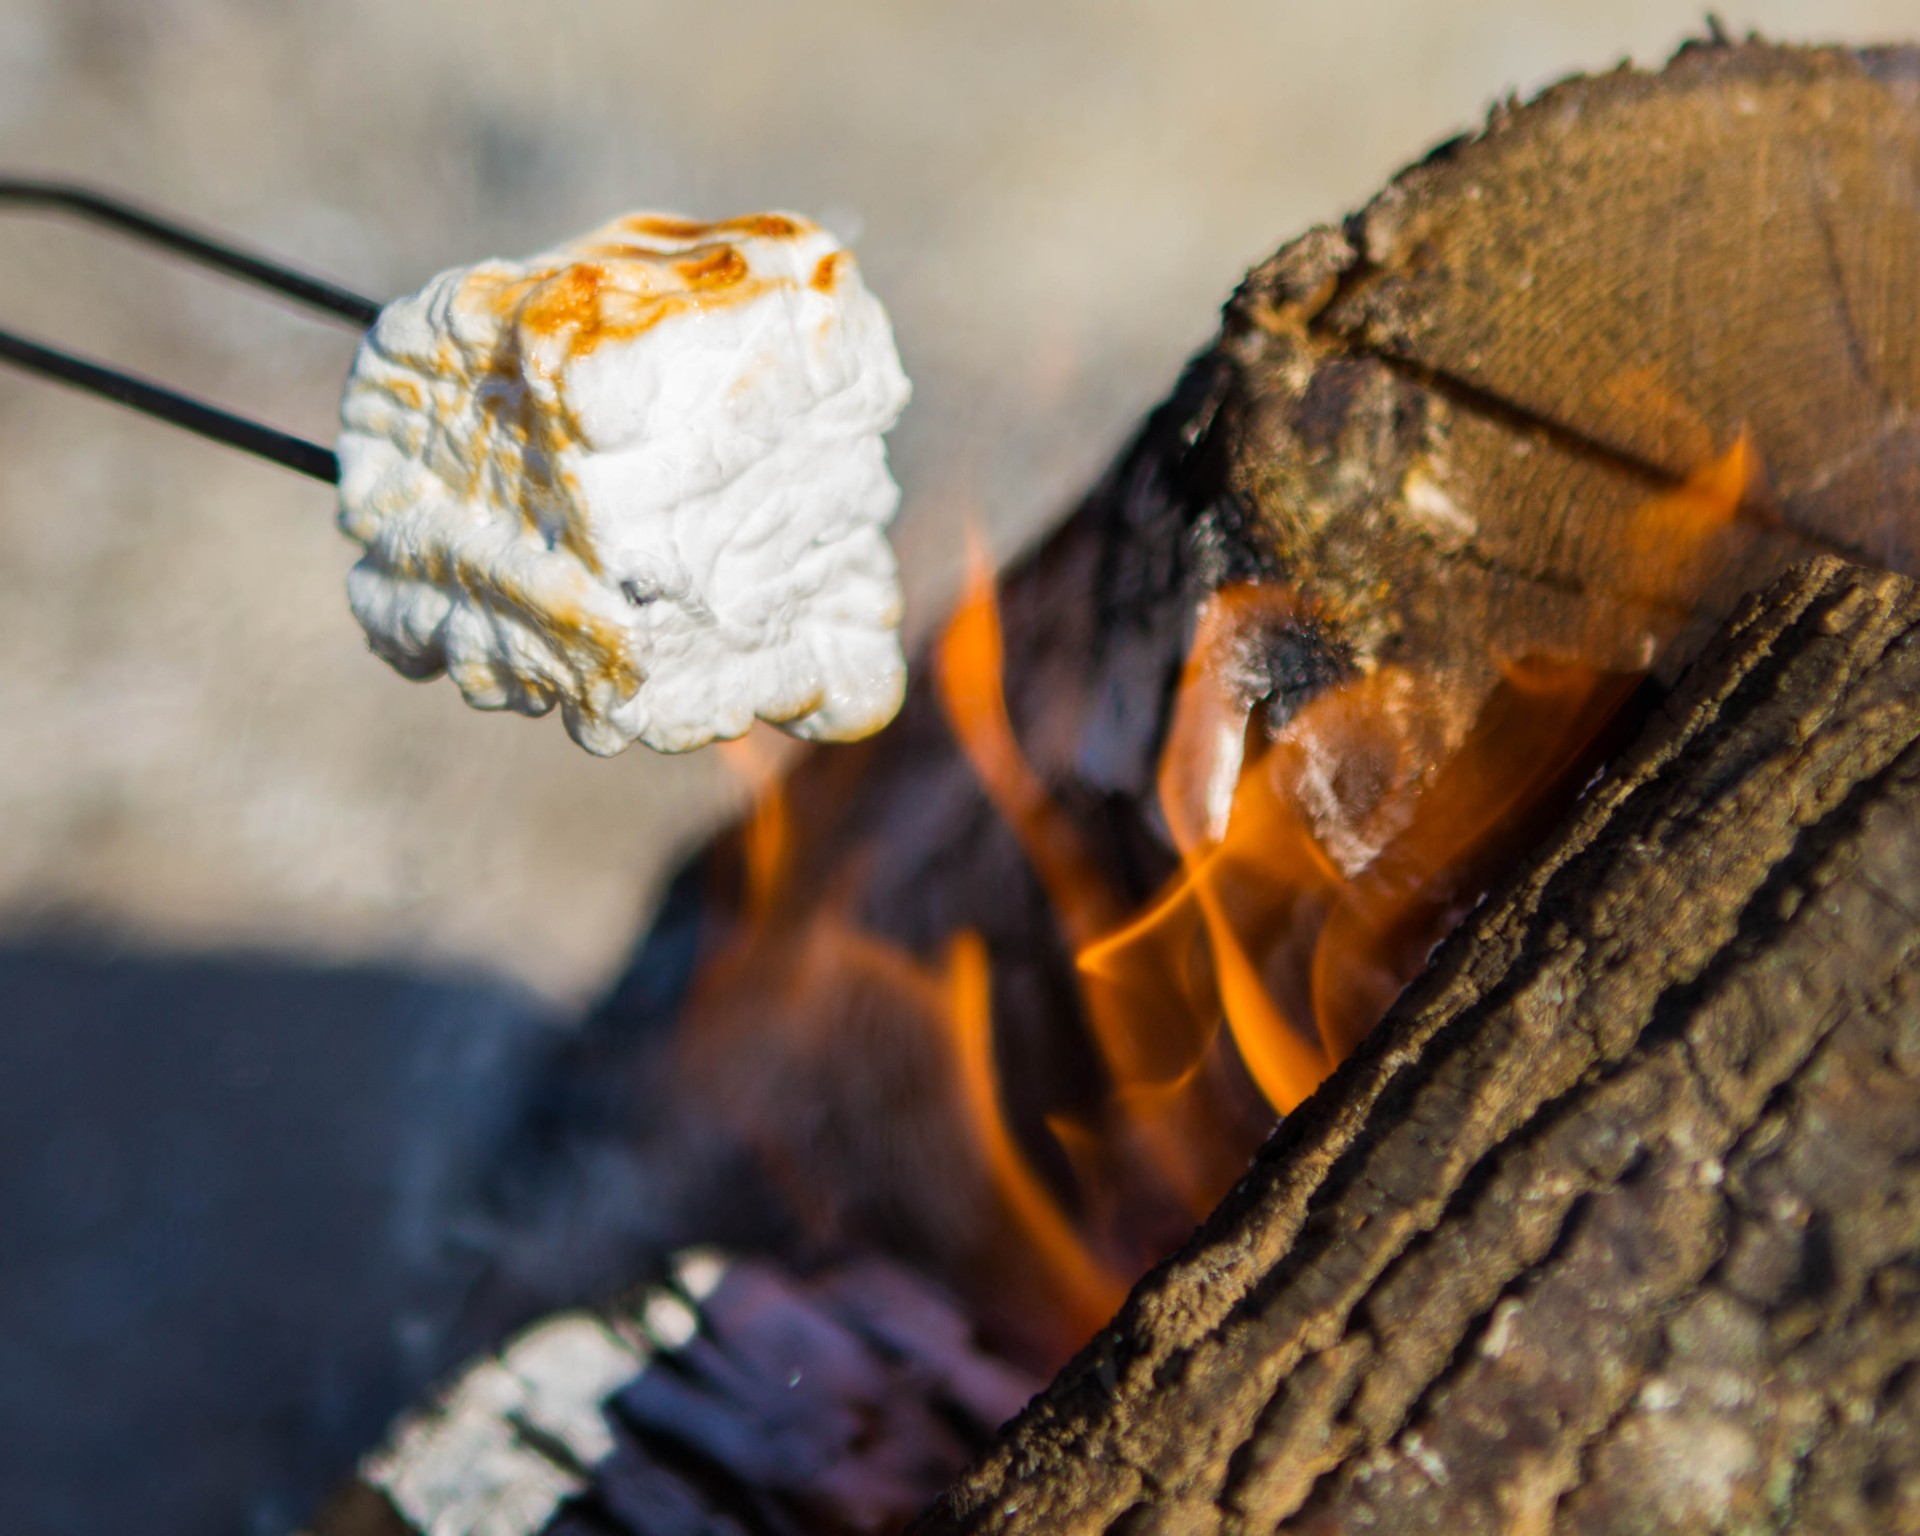 Icewine marshmallow roasting on an open fire